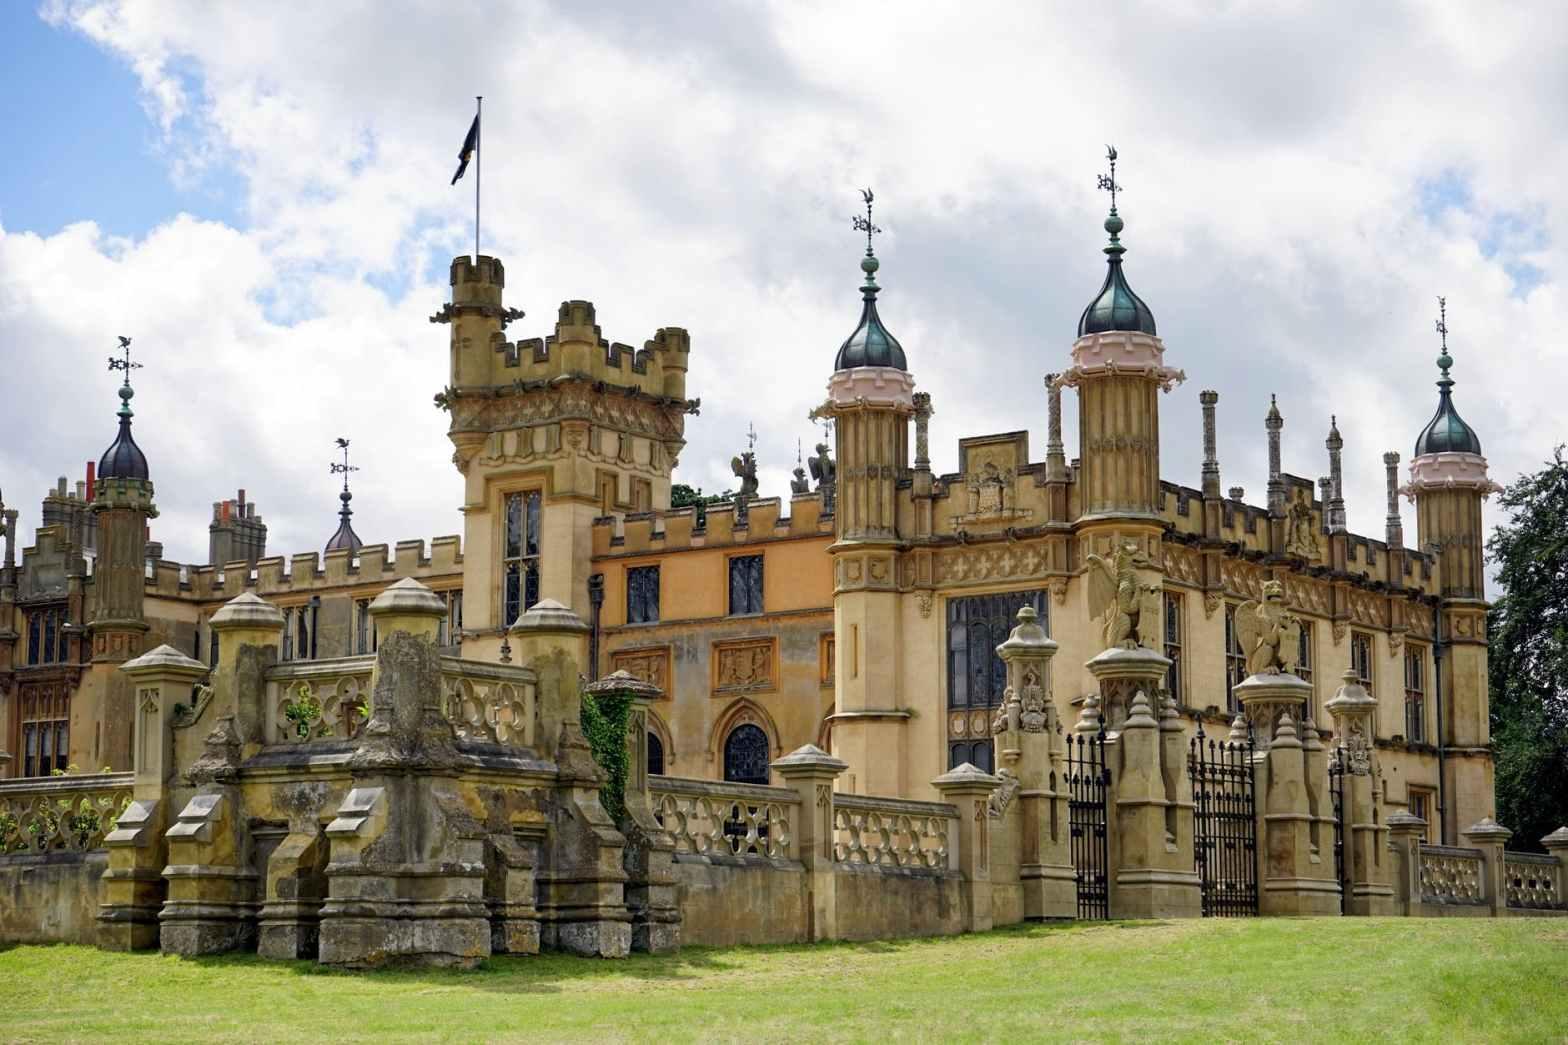 beige castle under white clouds